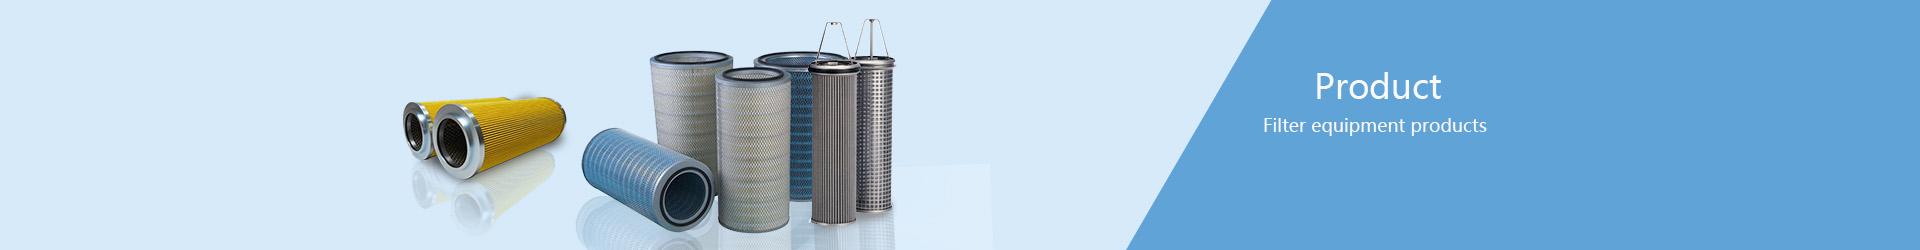 Parker Precision Filter Element - oil filter elements